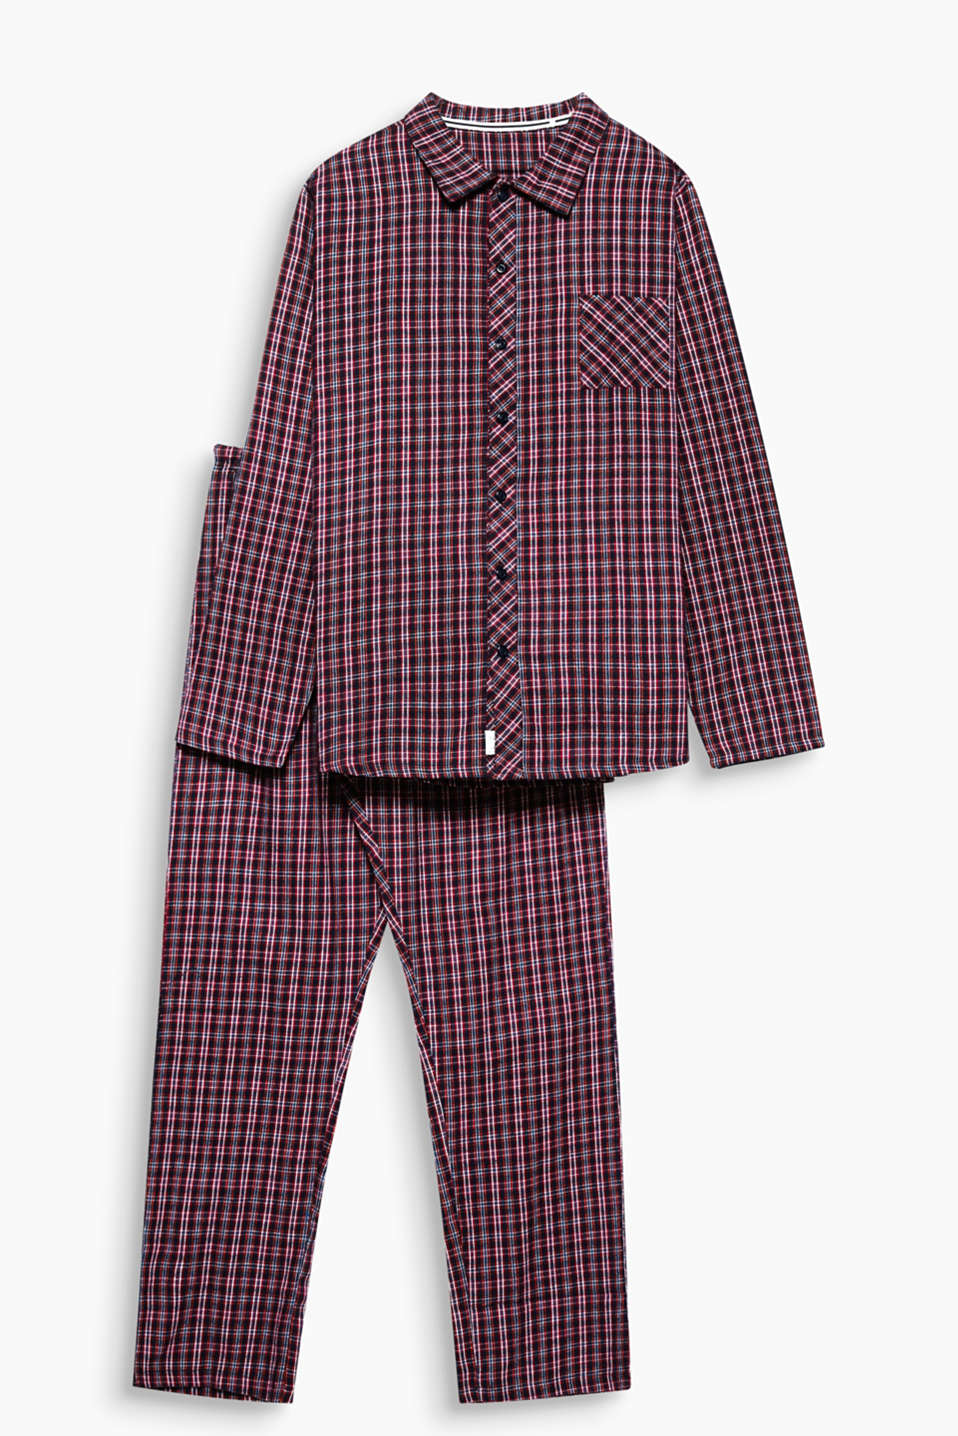 Esprit pyjama en flanelle 100 coton acheter sur la for Pyjama a carreaux